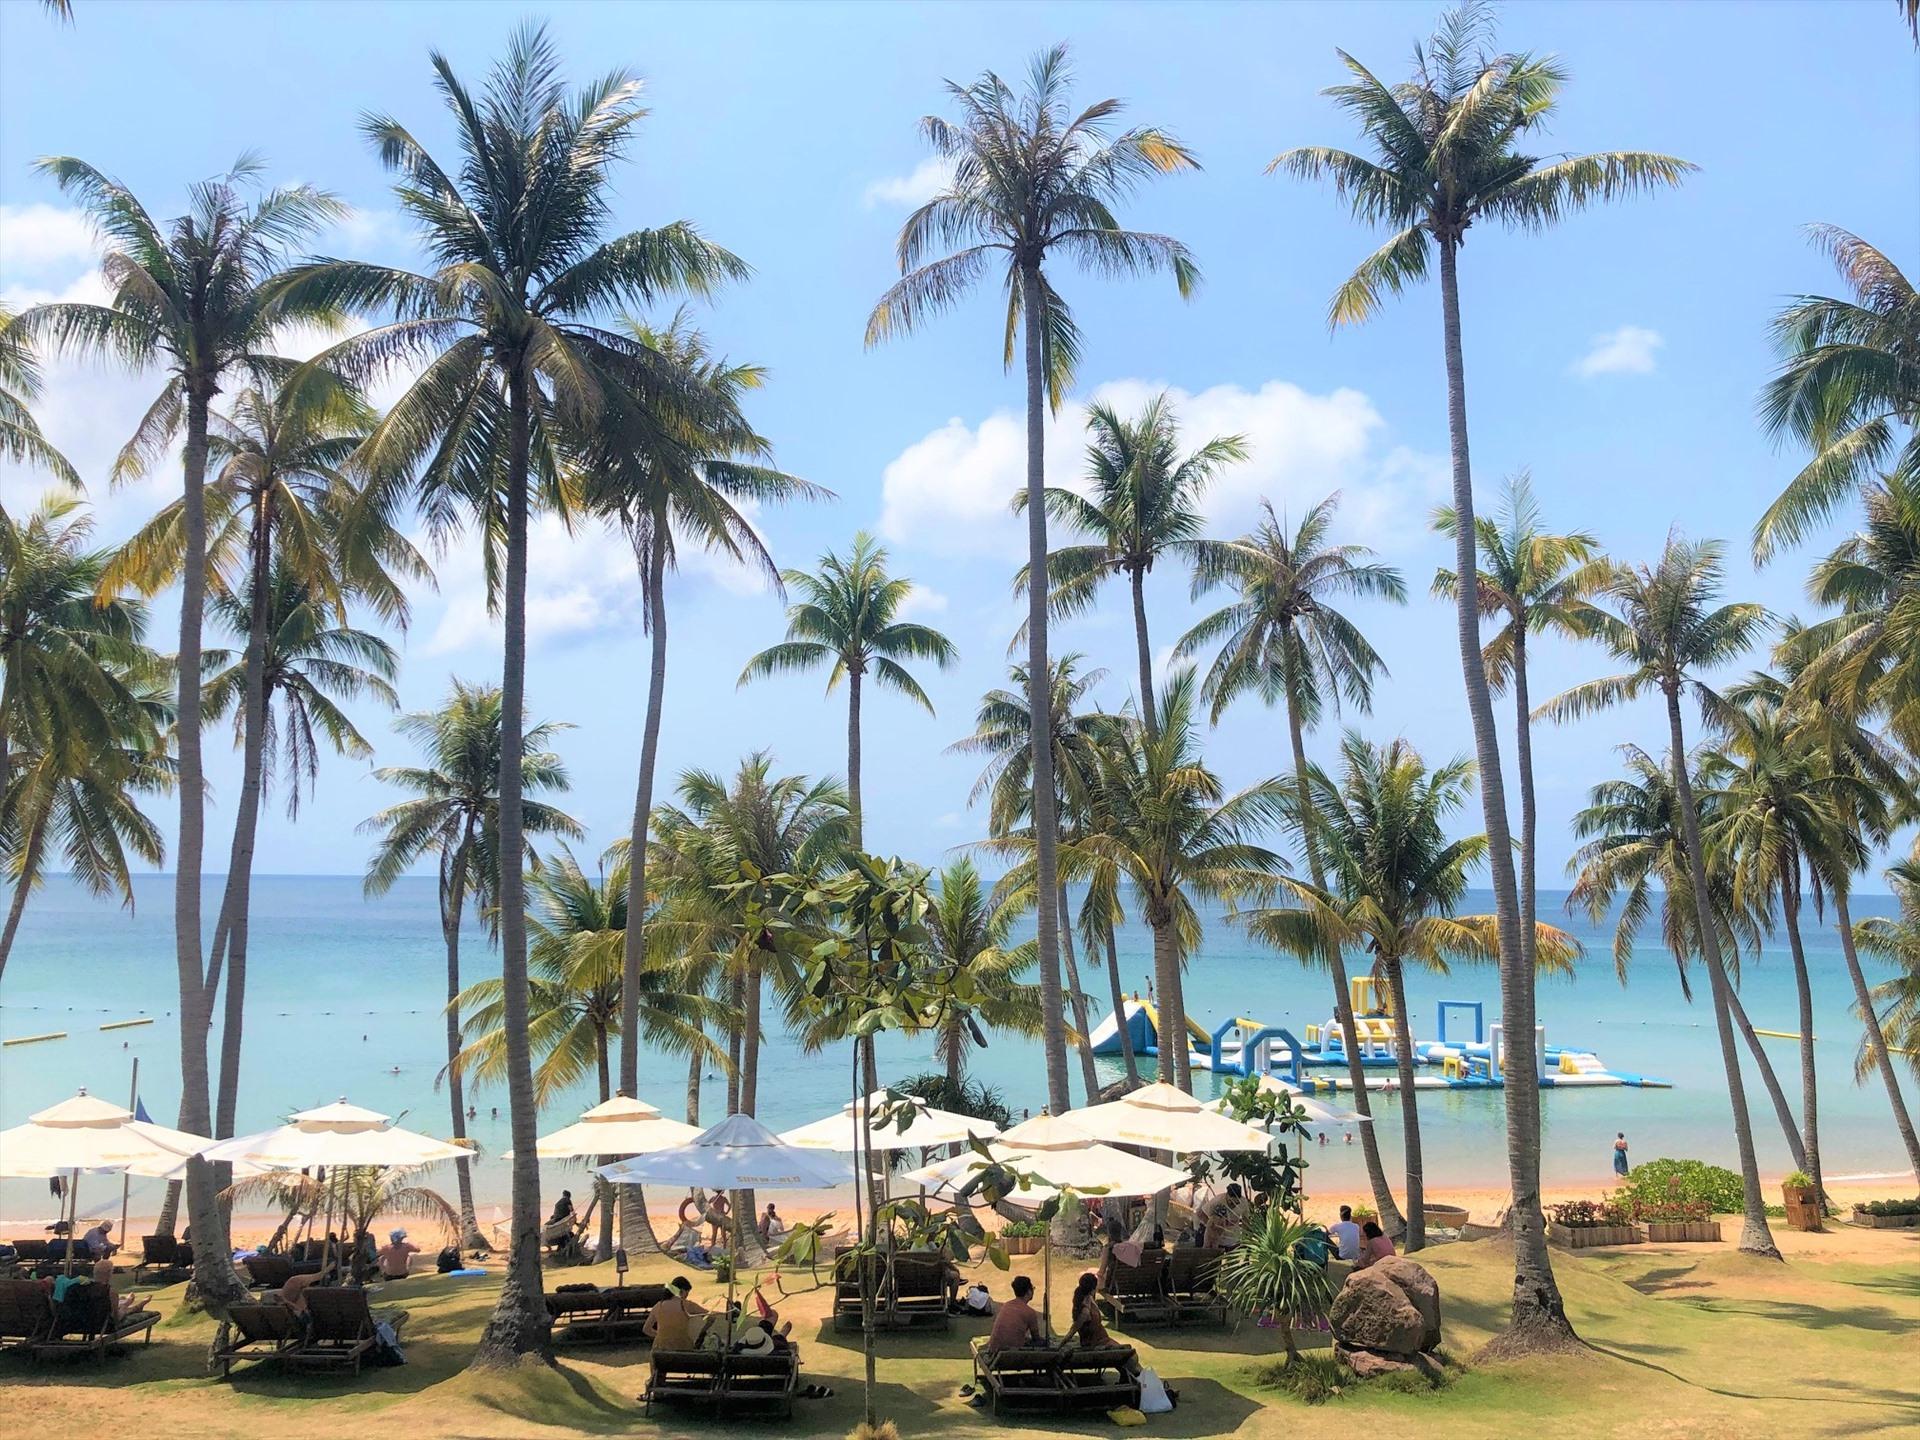 Dịch vụ, du lịch phát triển kéo theo nhu cầu đầu tư vào Hòn Thơm sẽ tăng mạnh